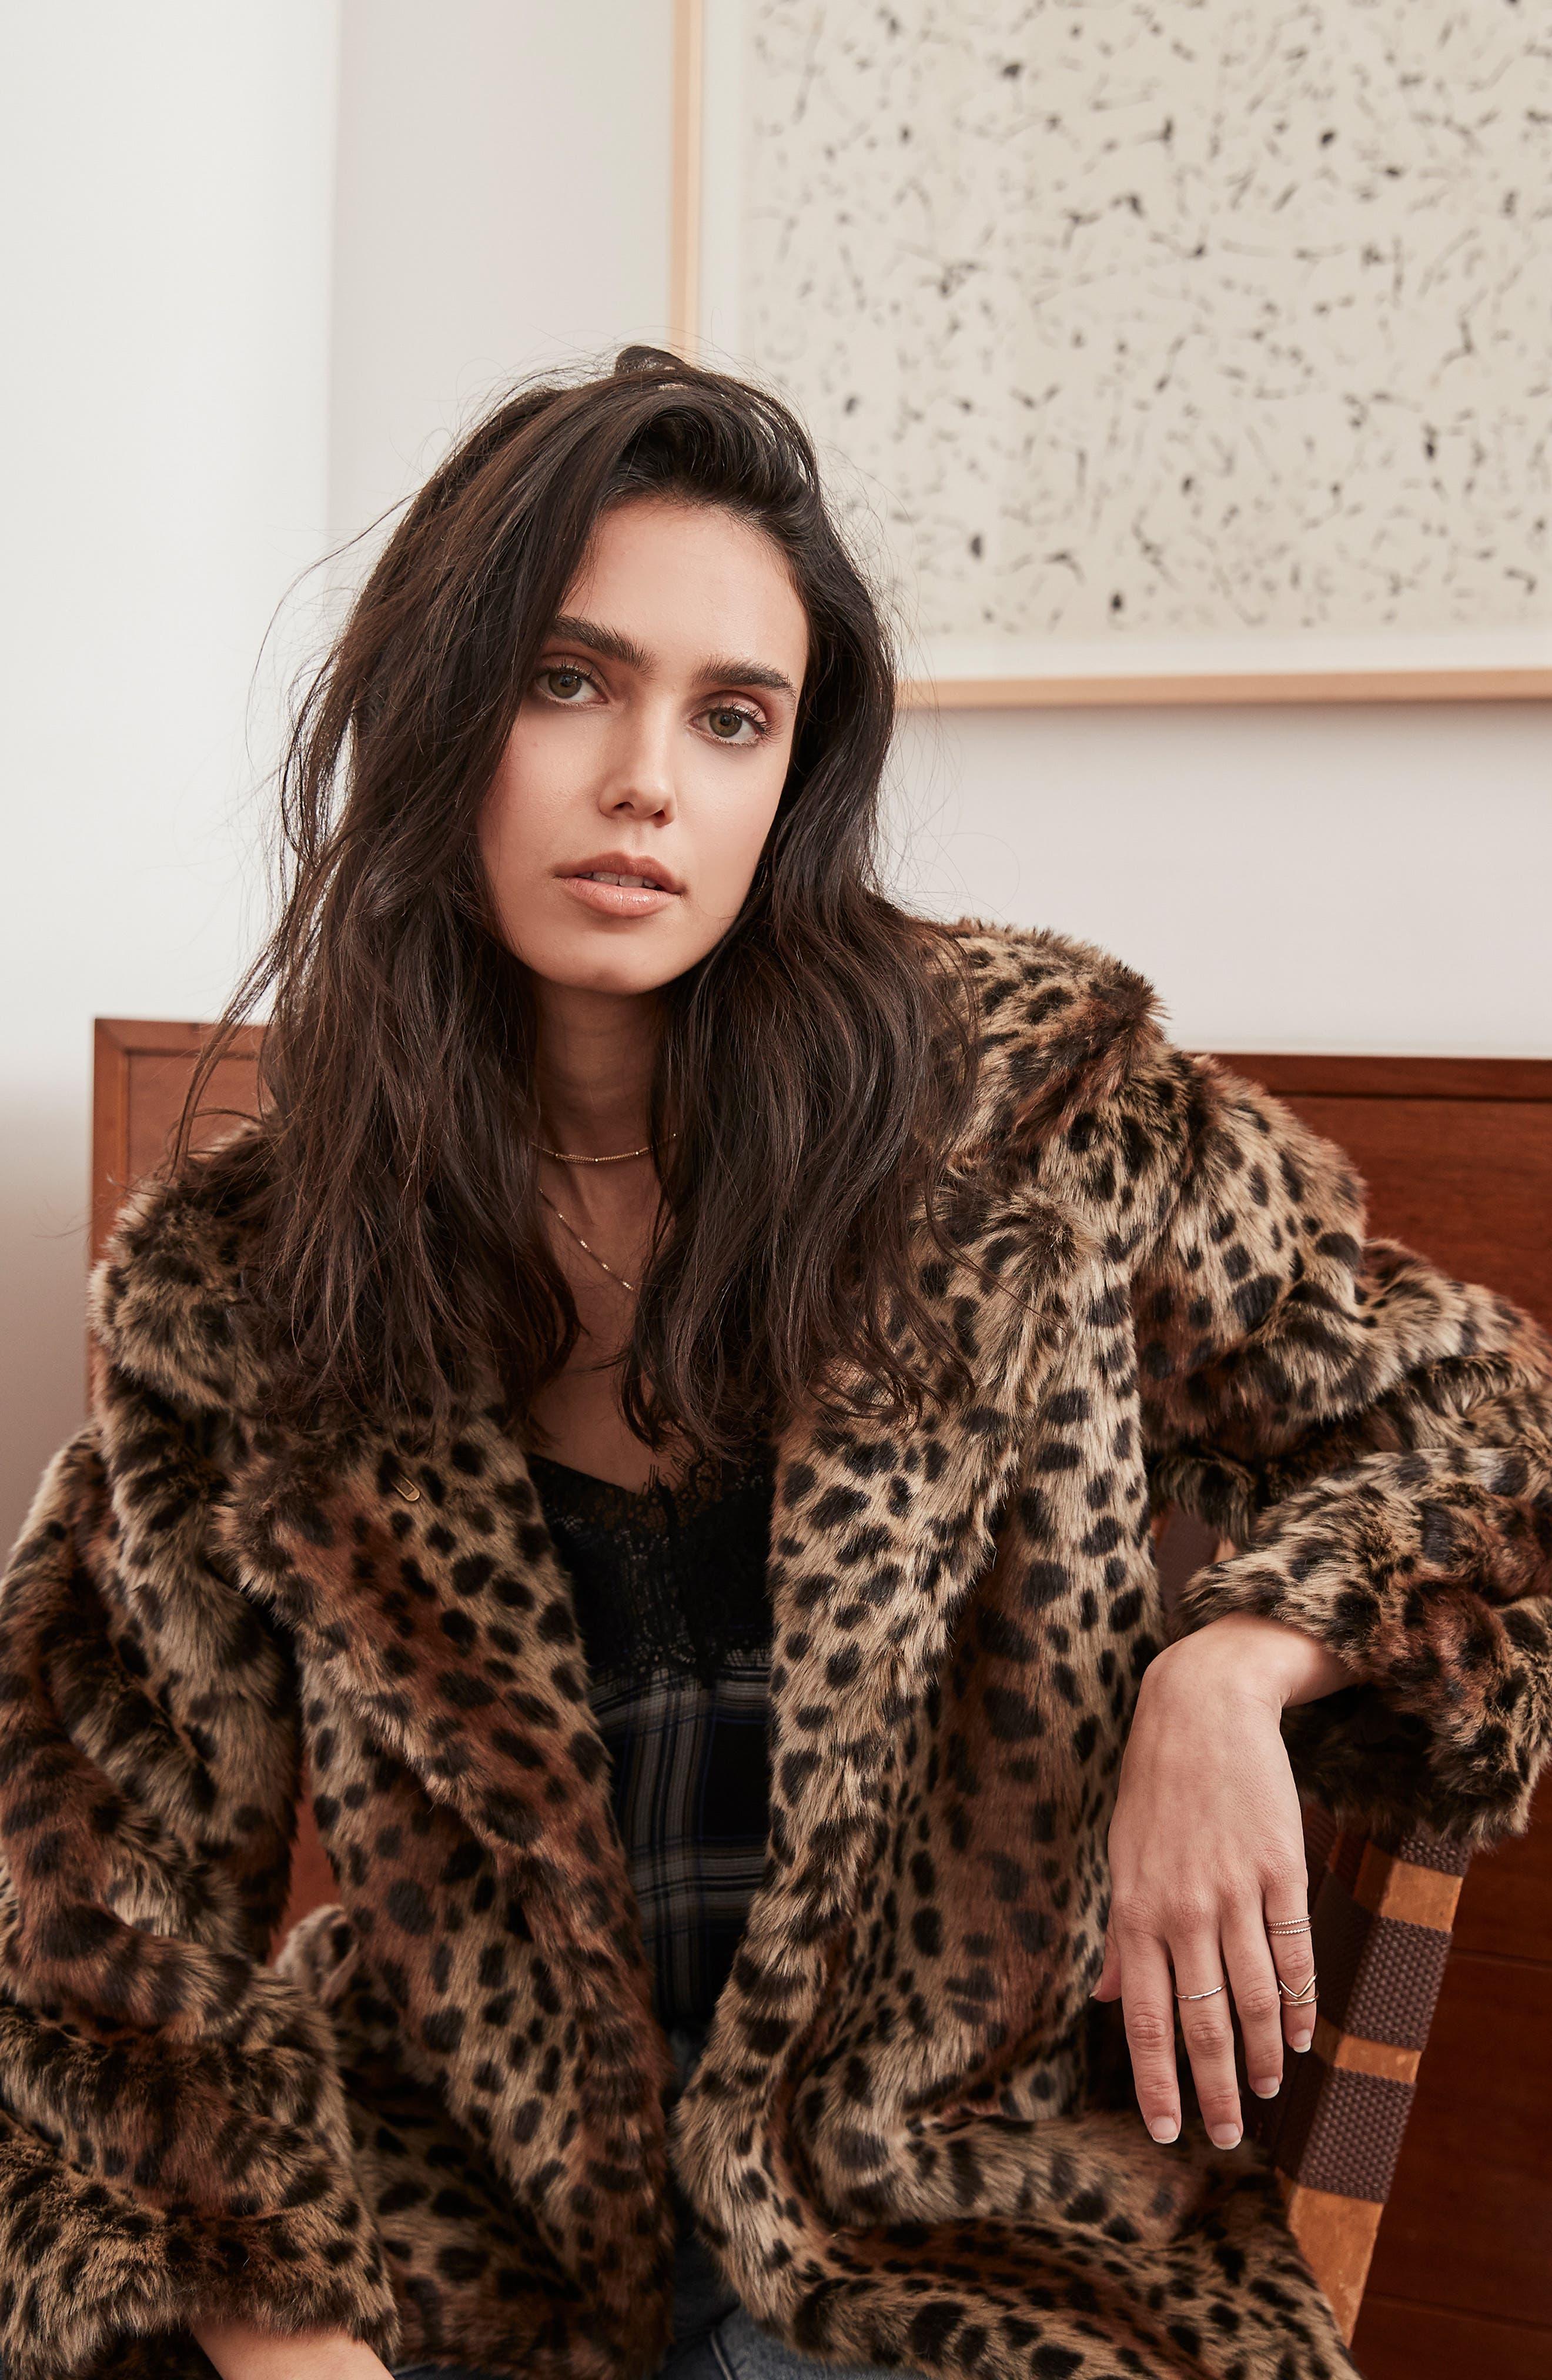 Mika Leopard Faux Fur Jacket,                             Alternate thumbnail 9, color,                             200